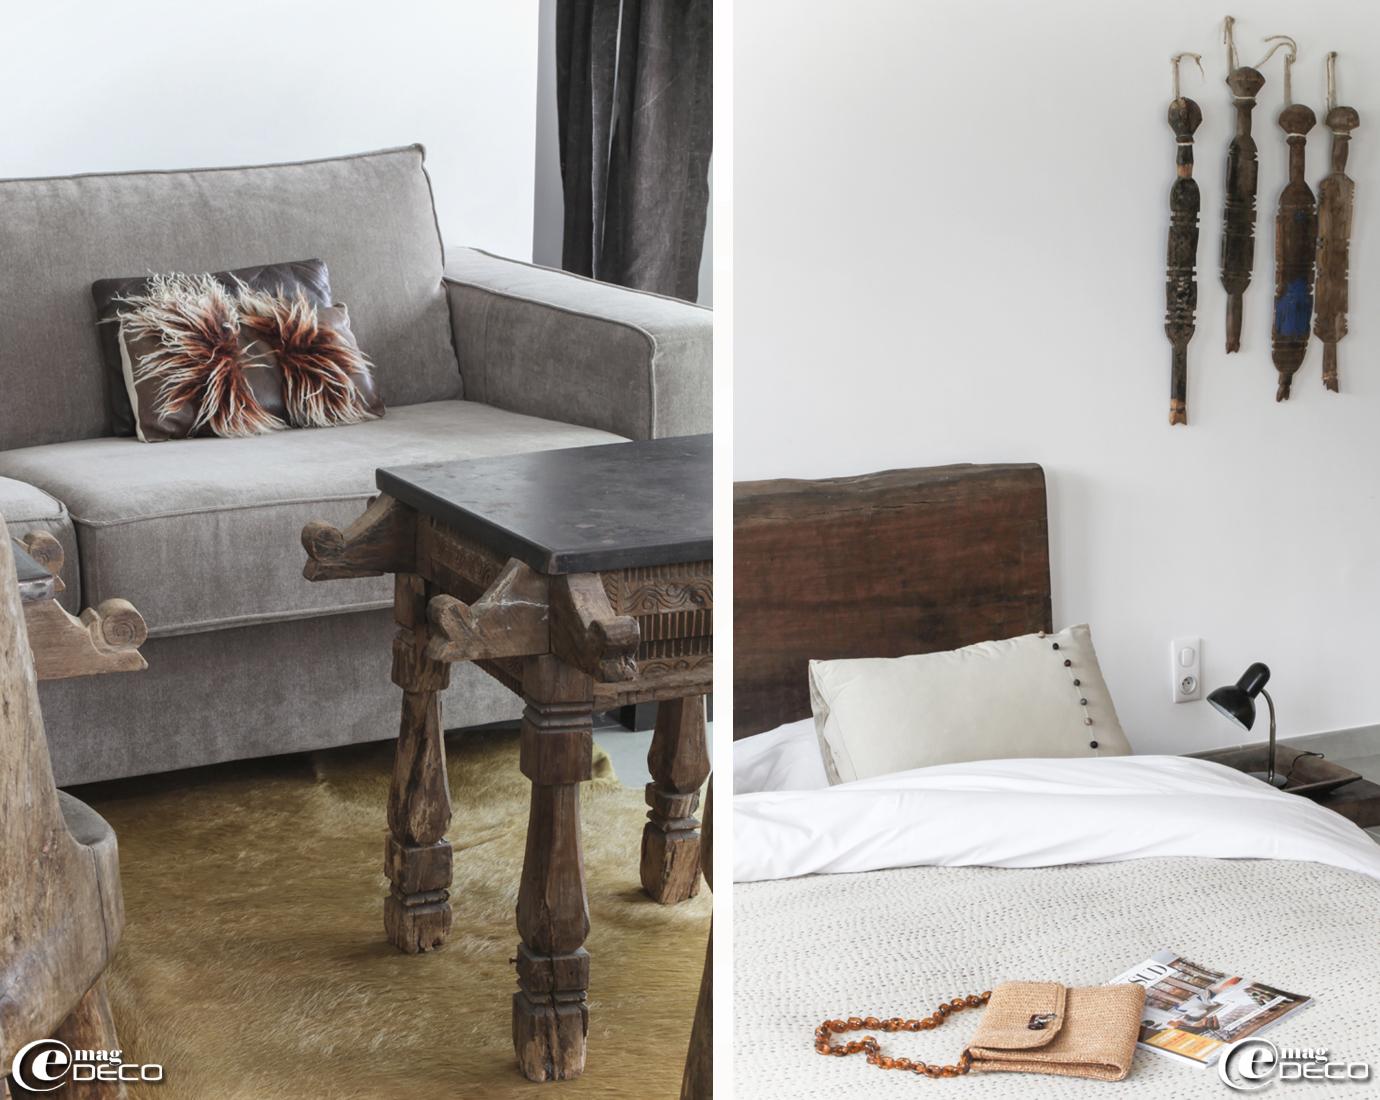 Un grand plateau de bois africain tient lieu de tête de lit, jeté de lit et taies d'oreillers 'Vivaraise', maison d'hôtes 'La Suite Cassis'